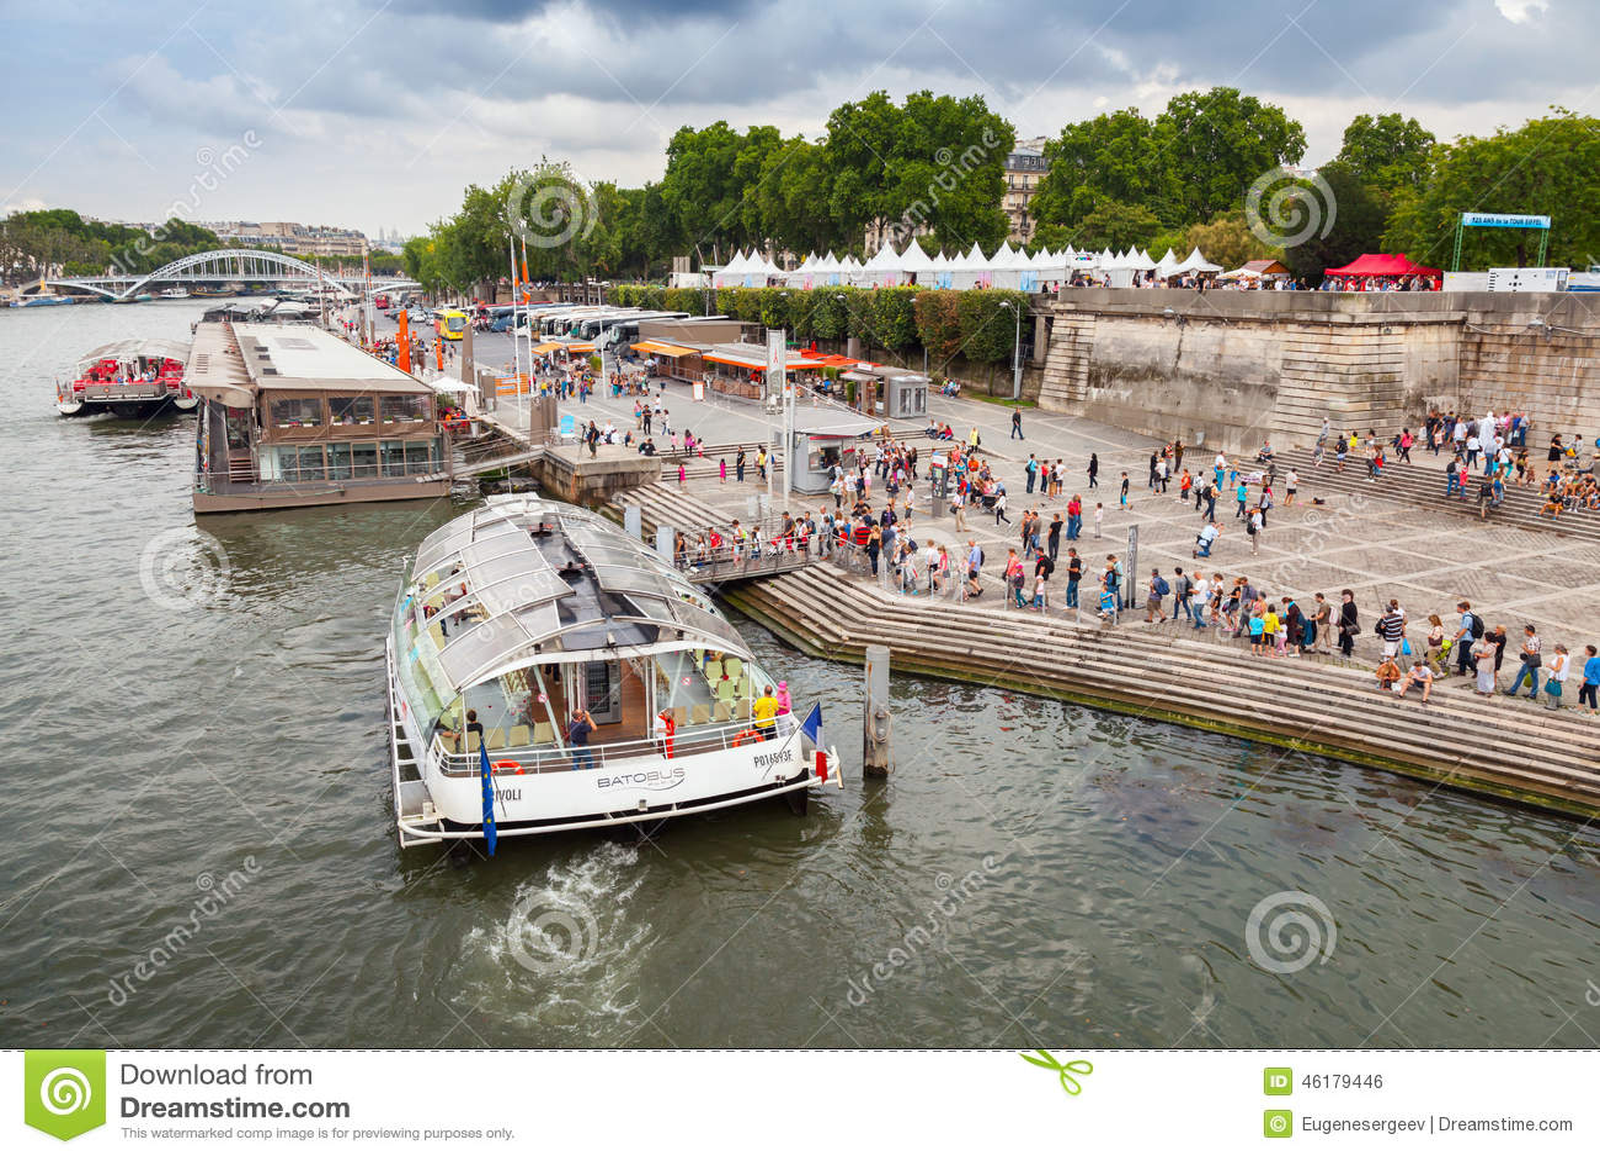 Корабль управляемый Batobus Парижем причален к пристани